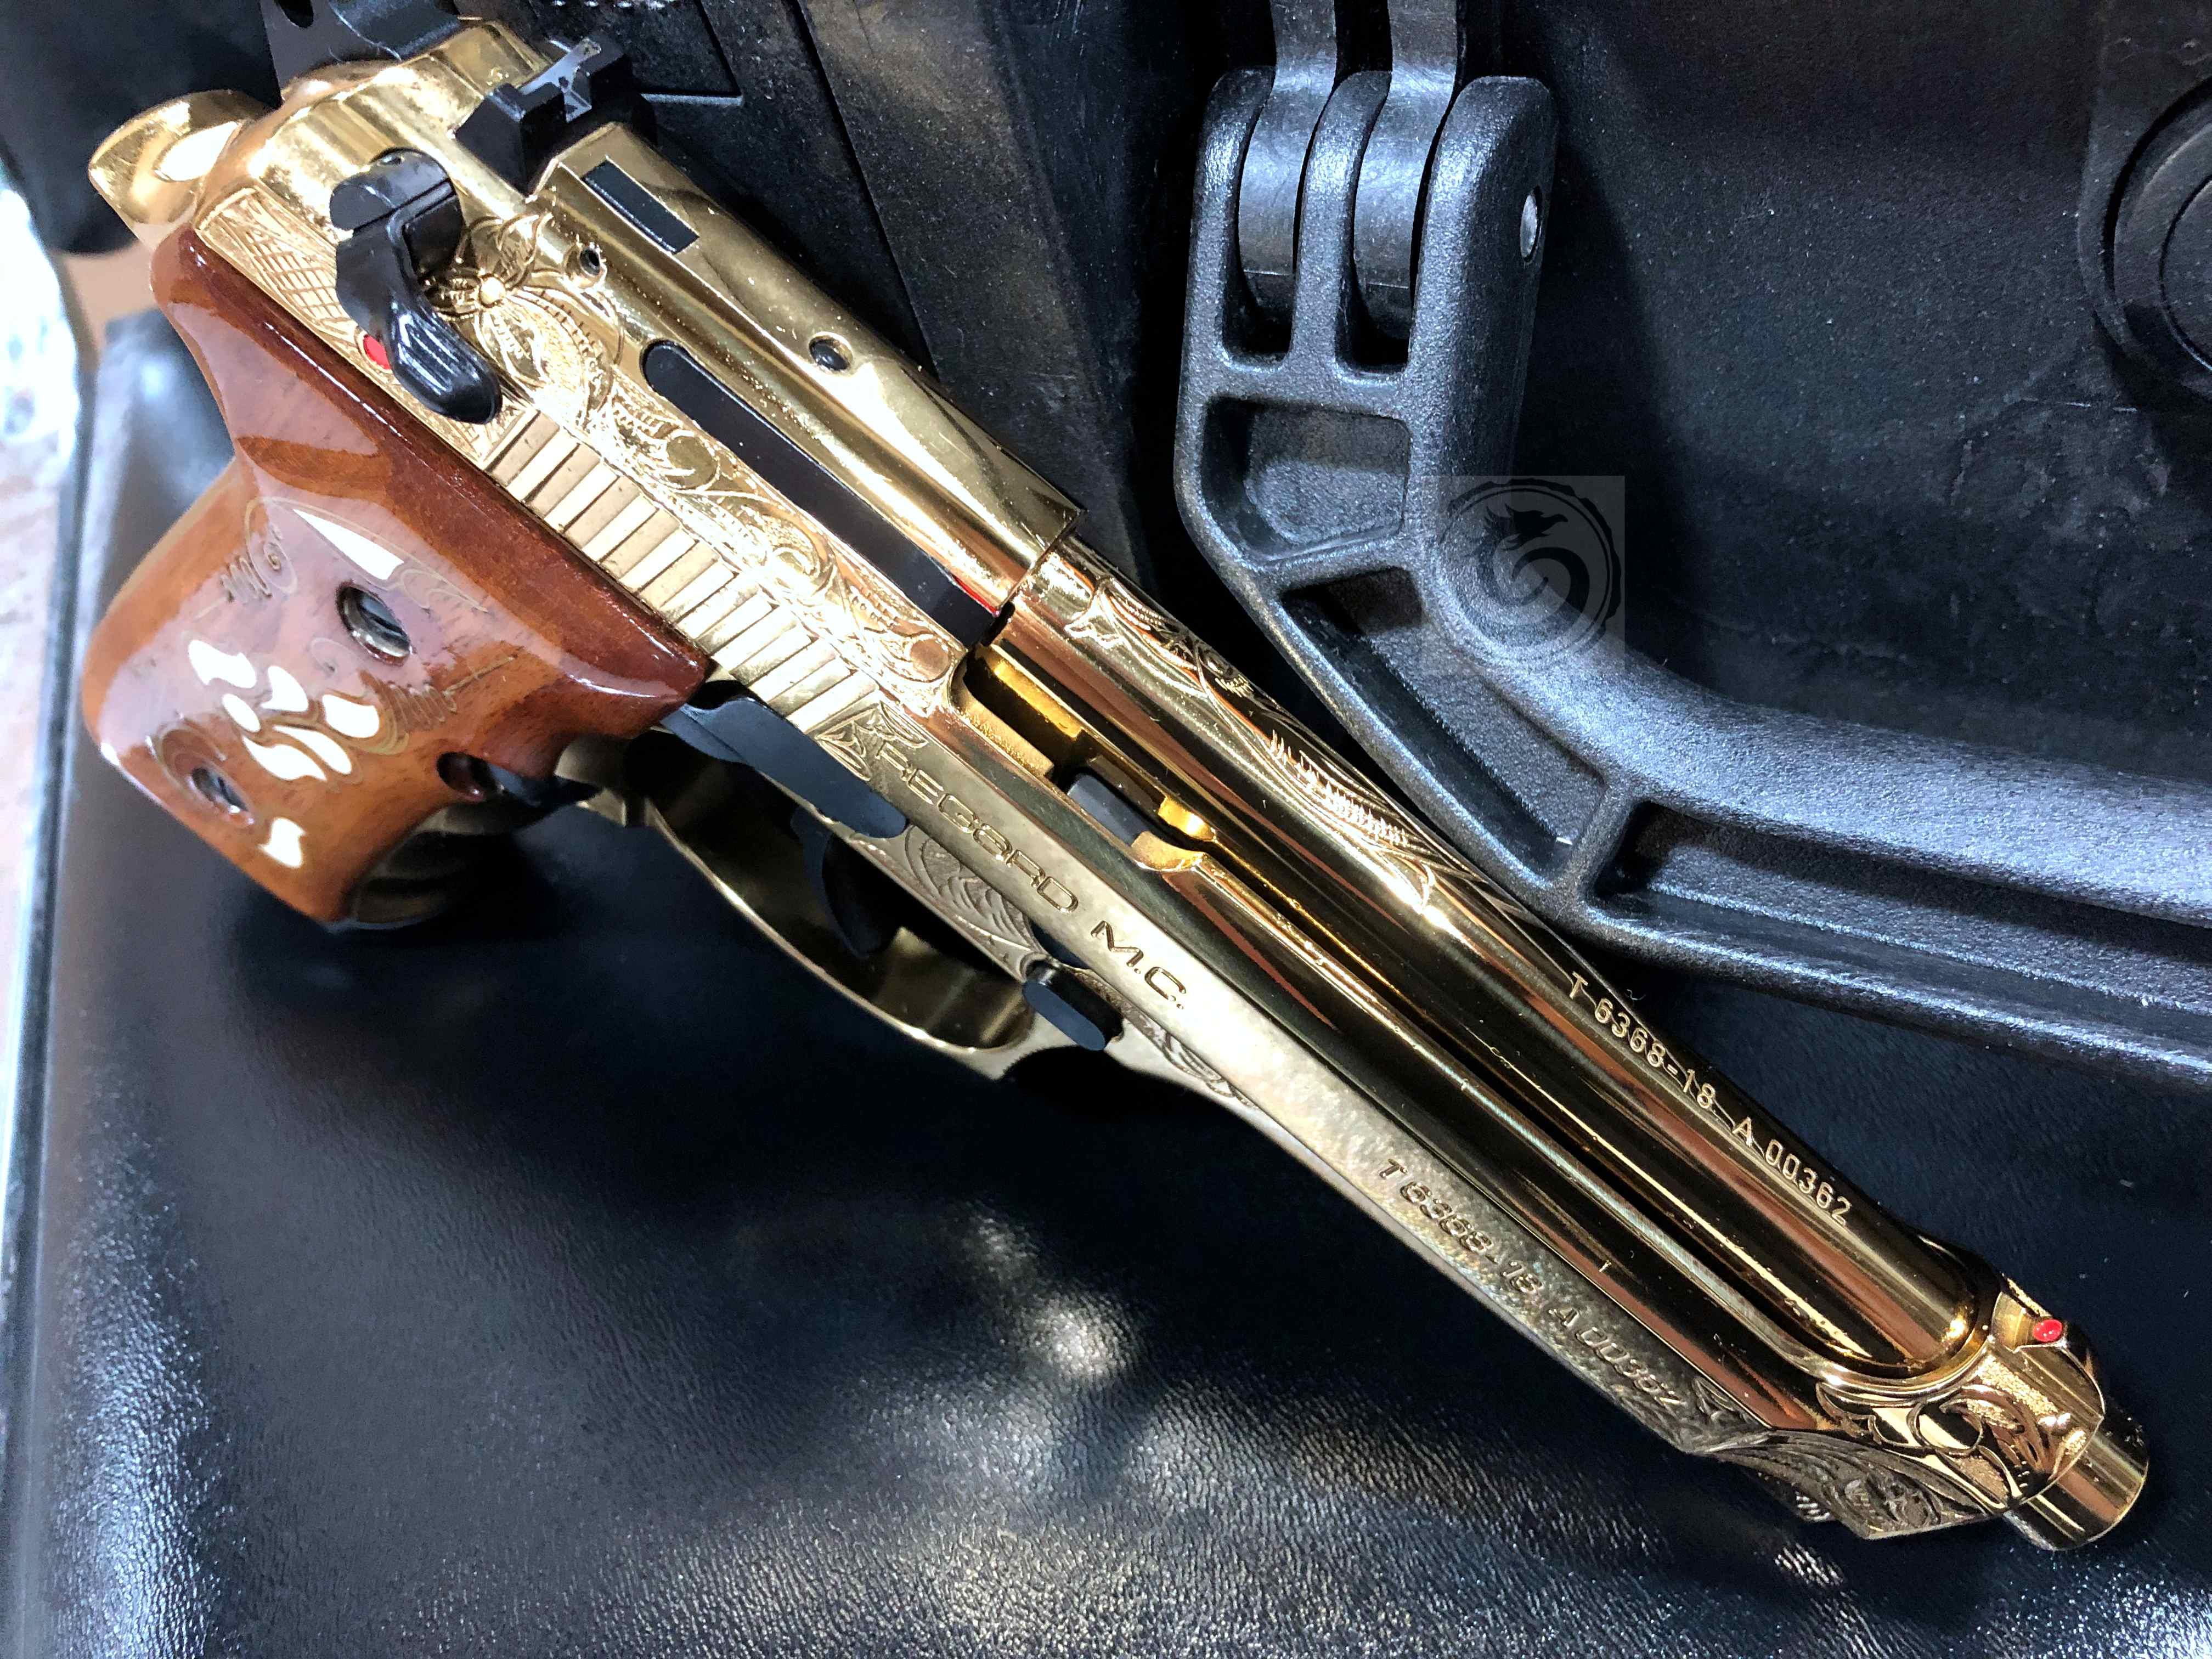 Girsan Regard MC 9mm Gold Plated W/ Engraving